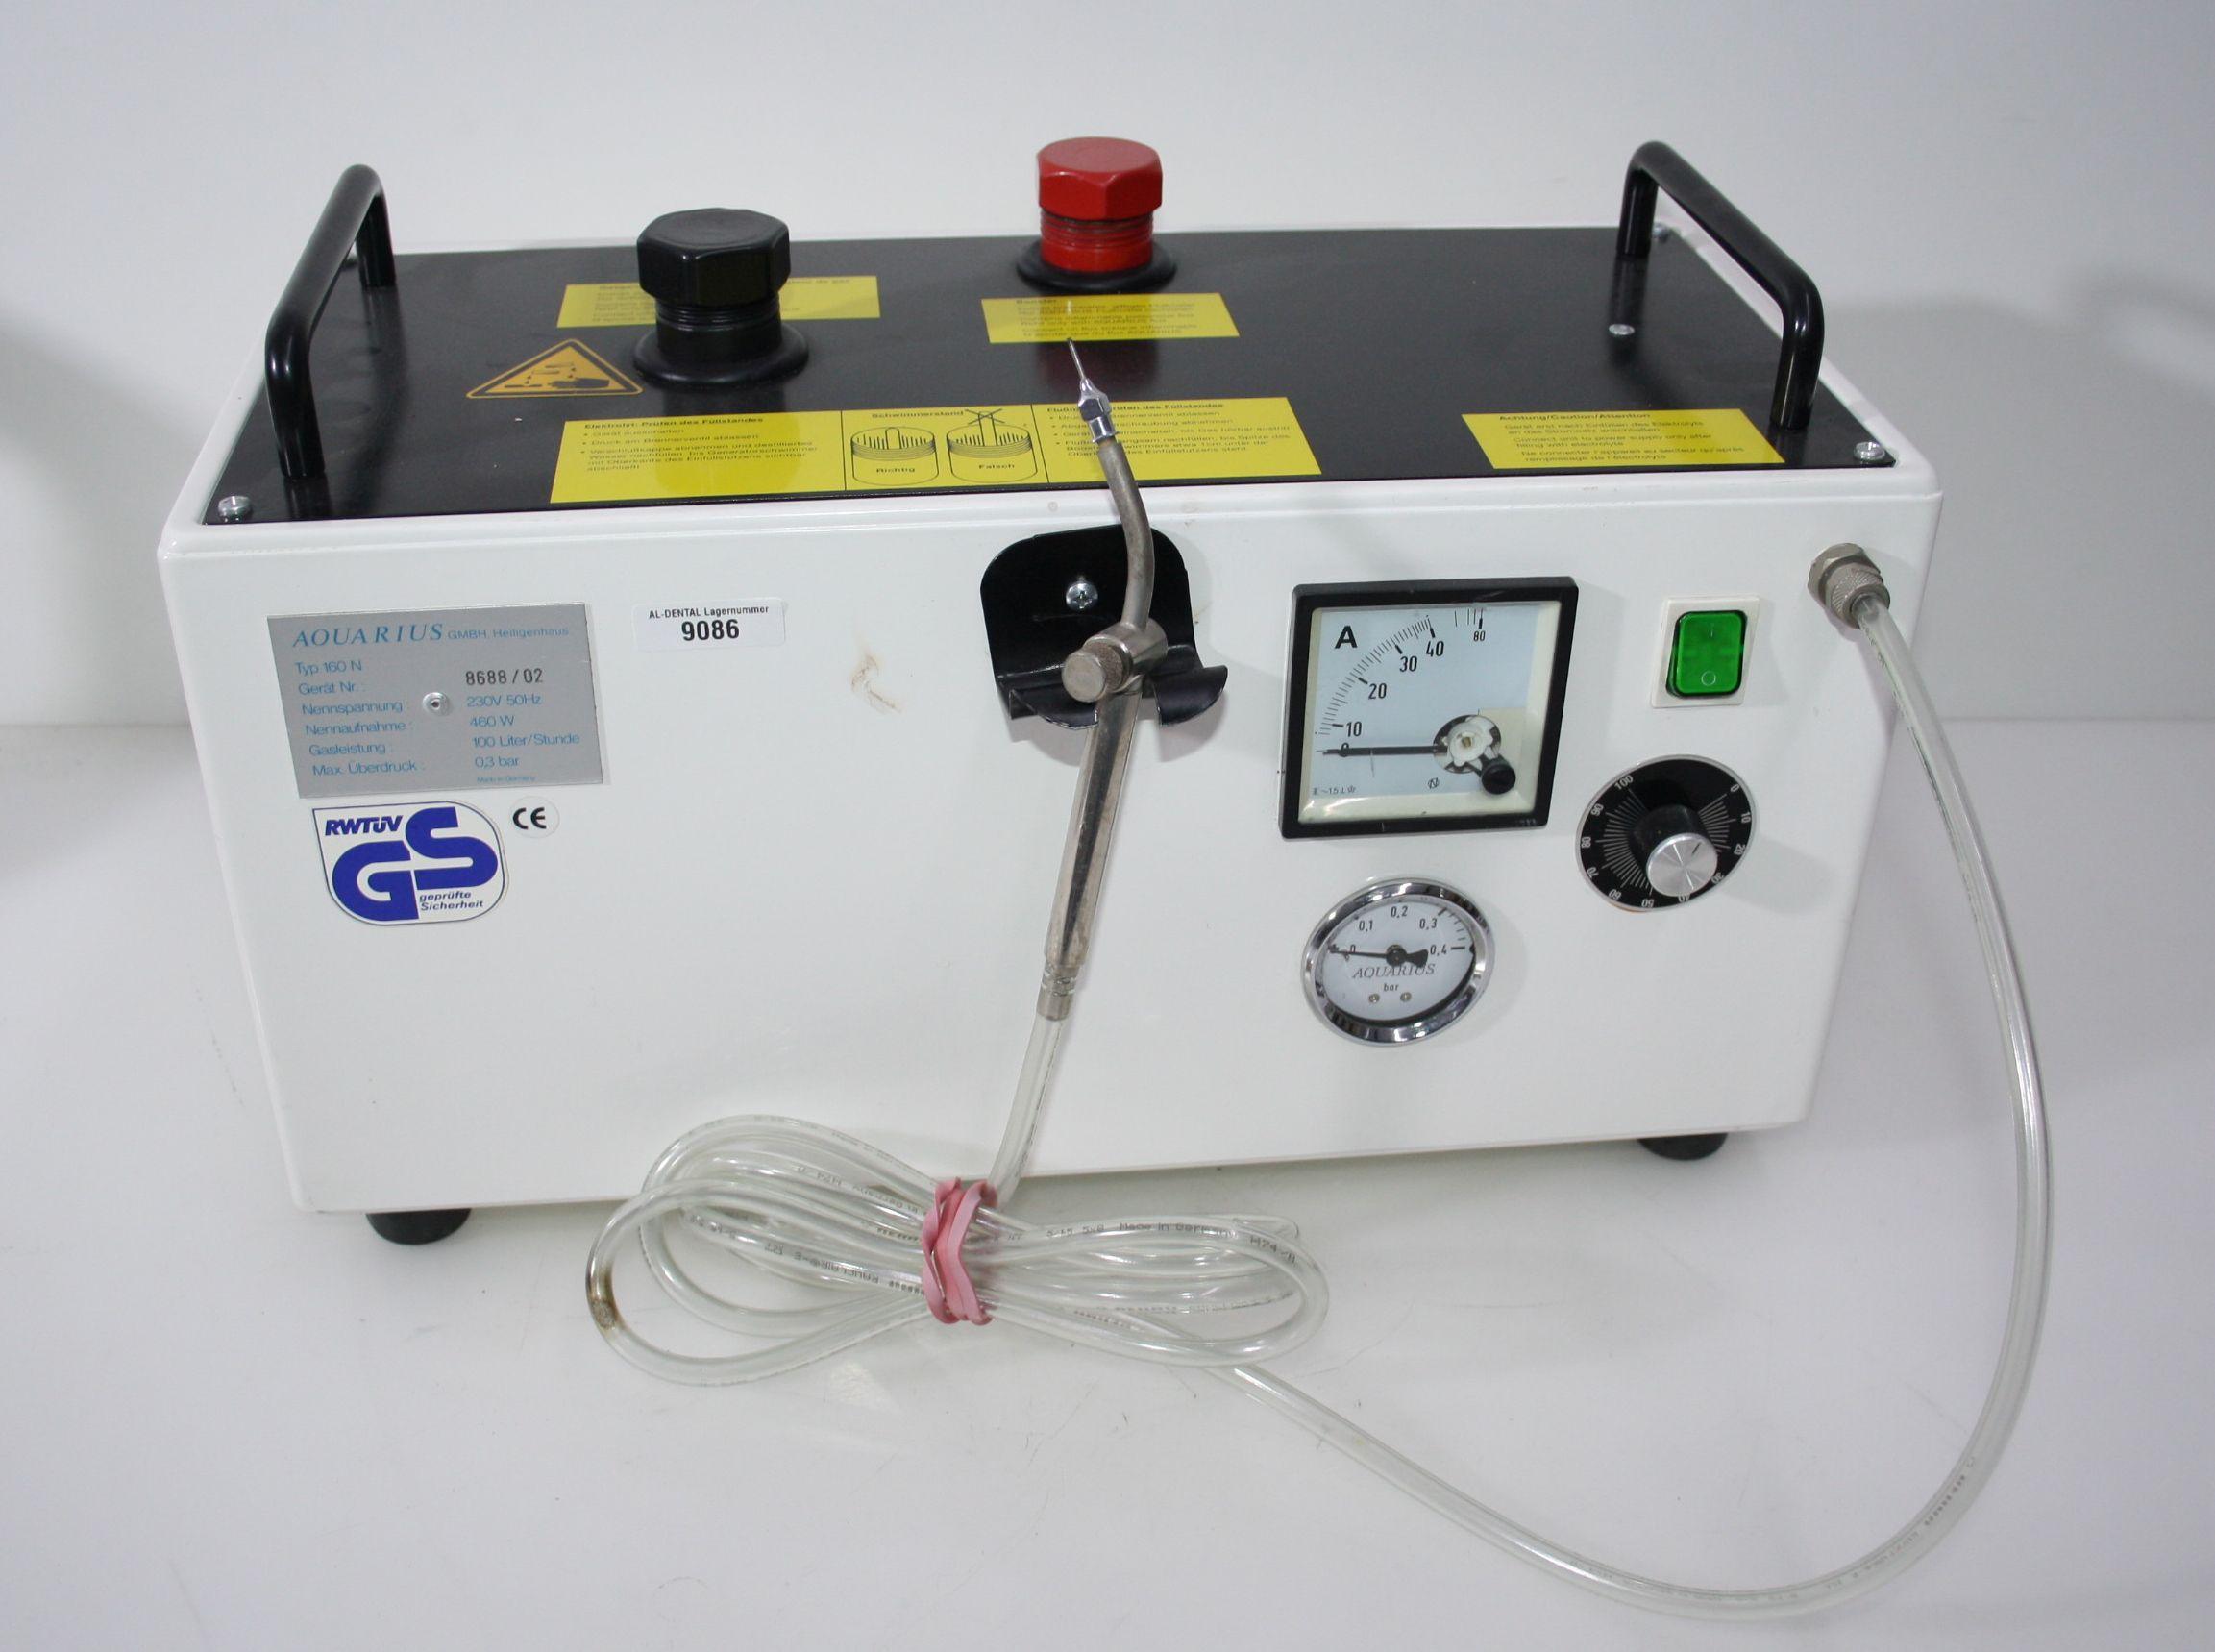 Hydrolötgerät / Wasserstofflötgerät  Aquarius Typ 160 N  # 9086